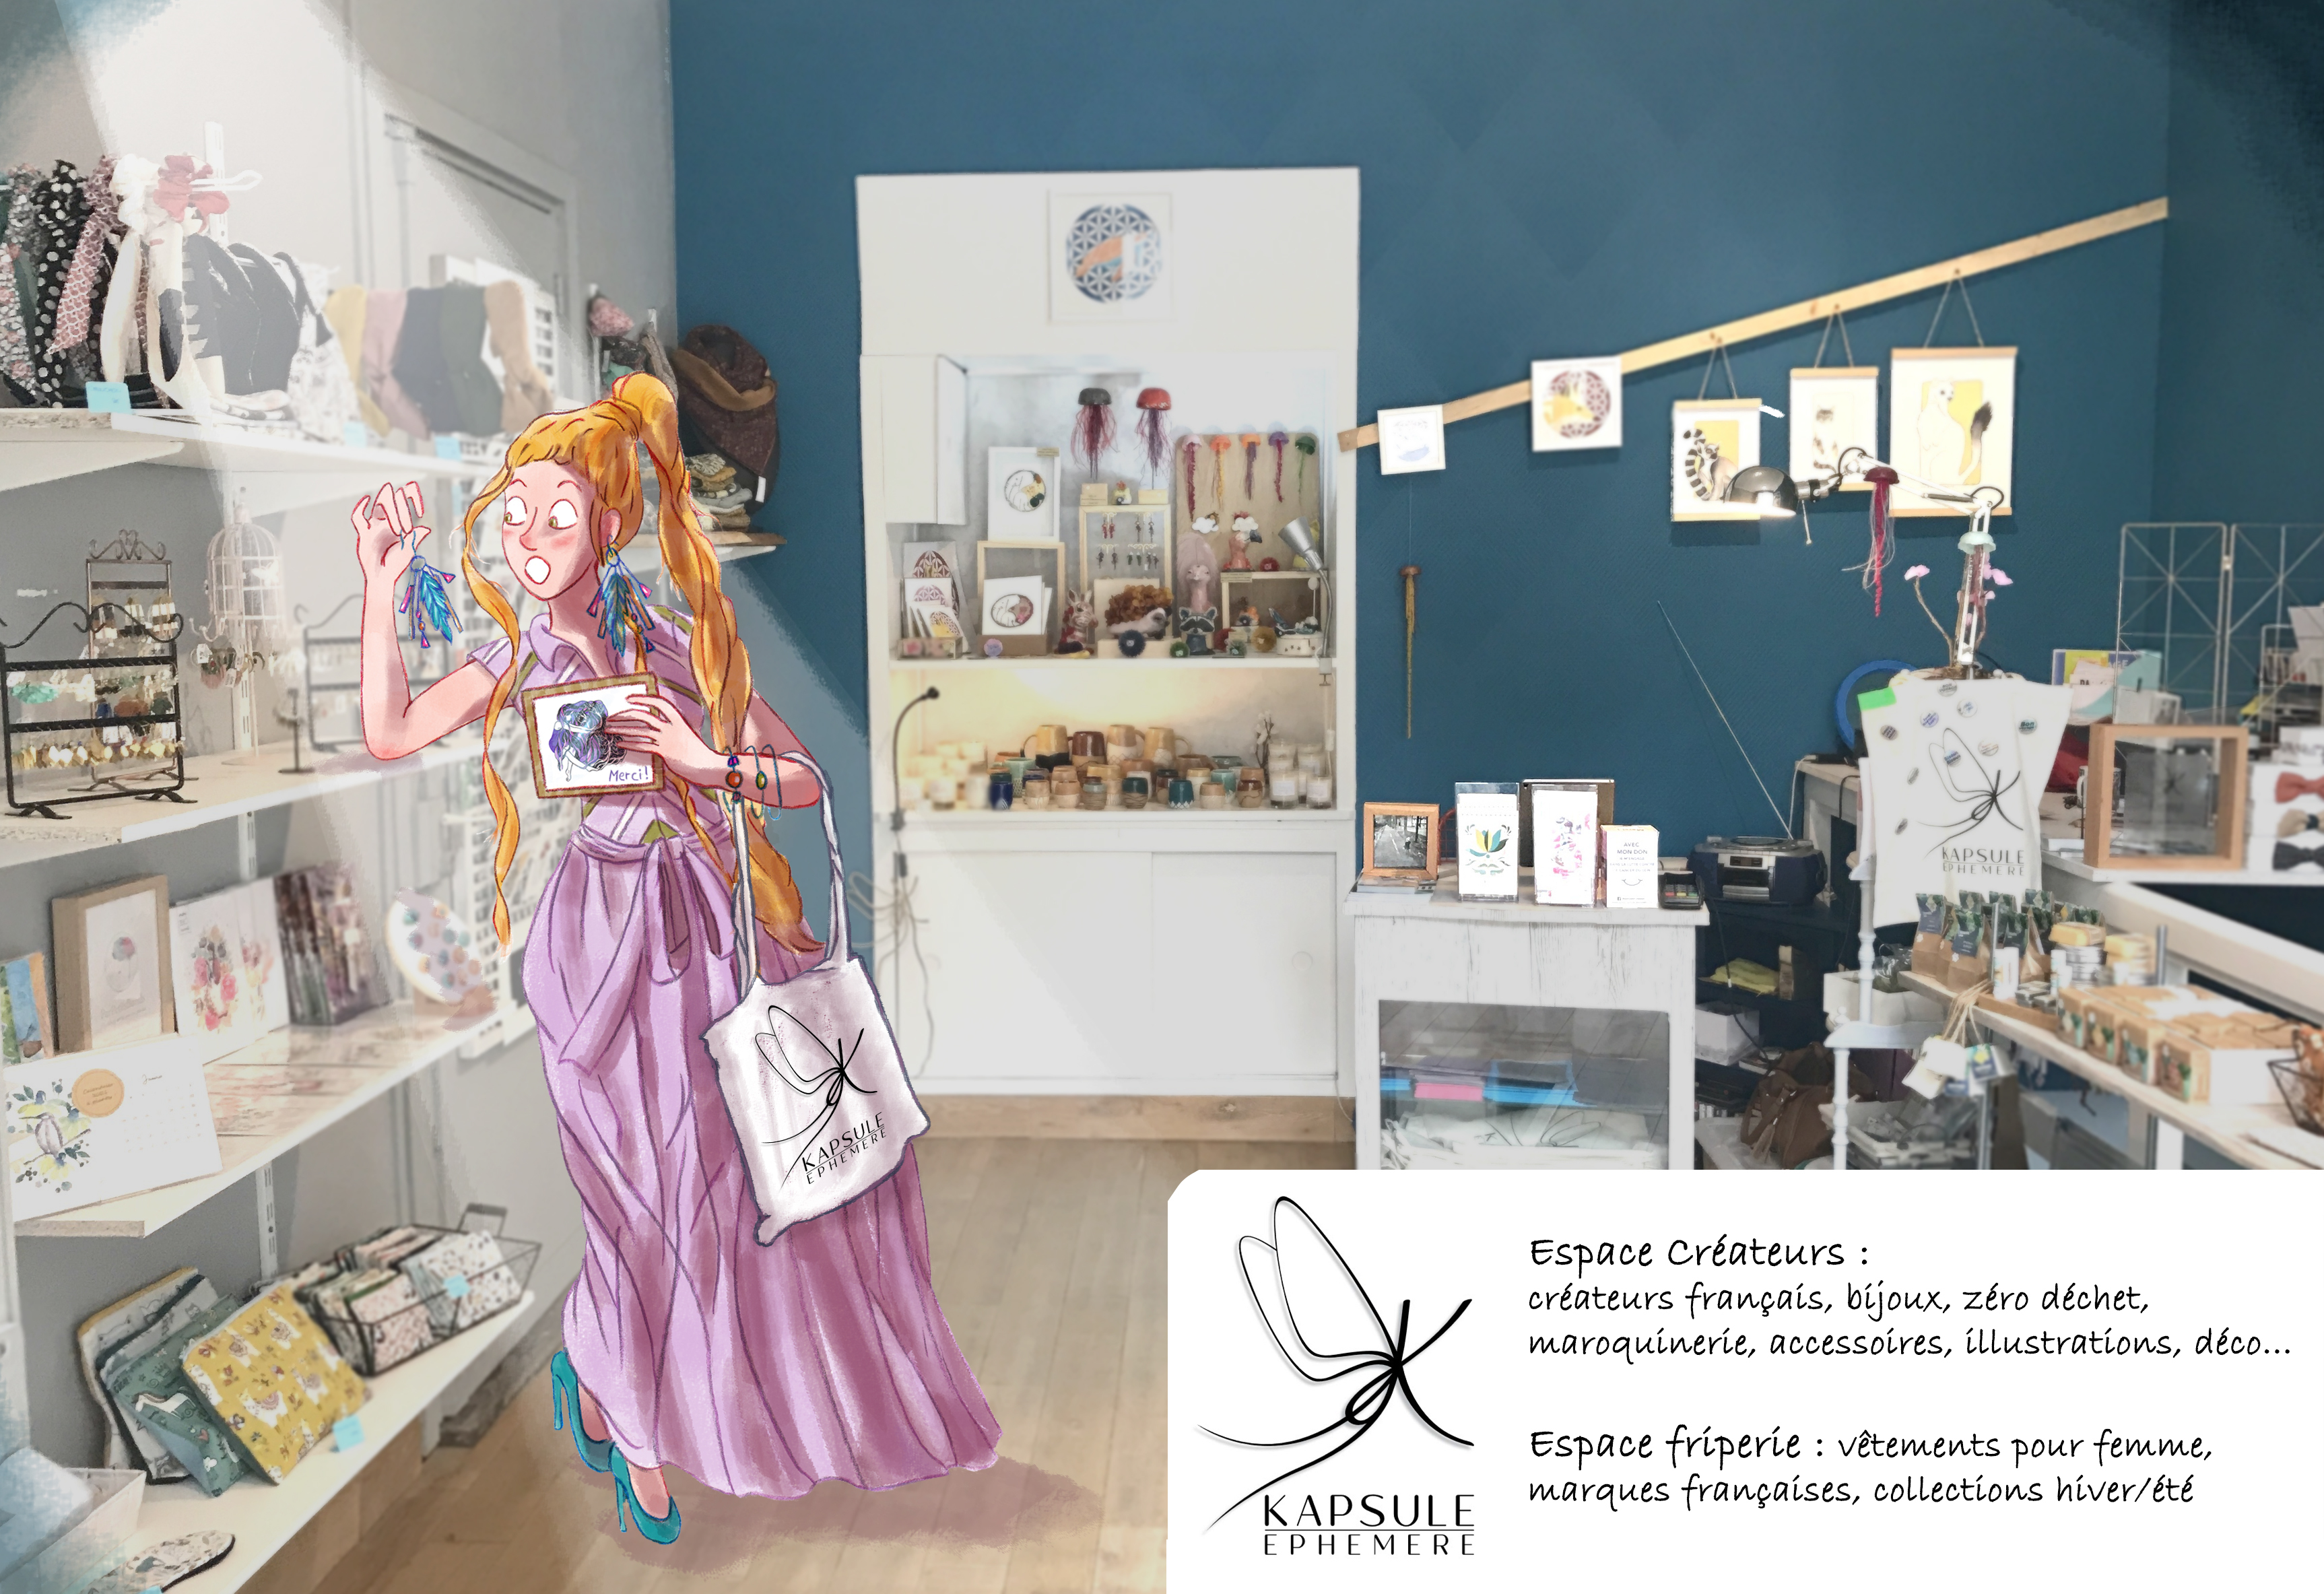 Galerie d'image - Kapsule Ephemere